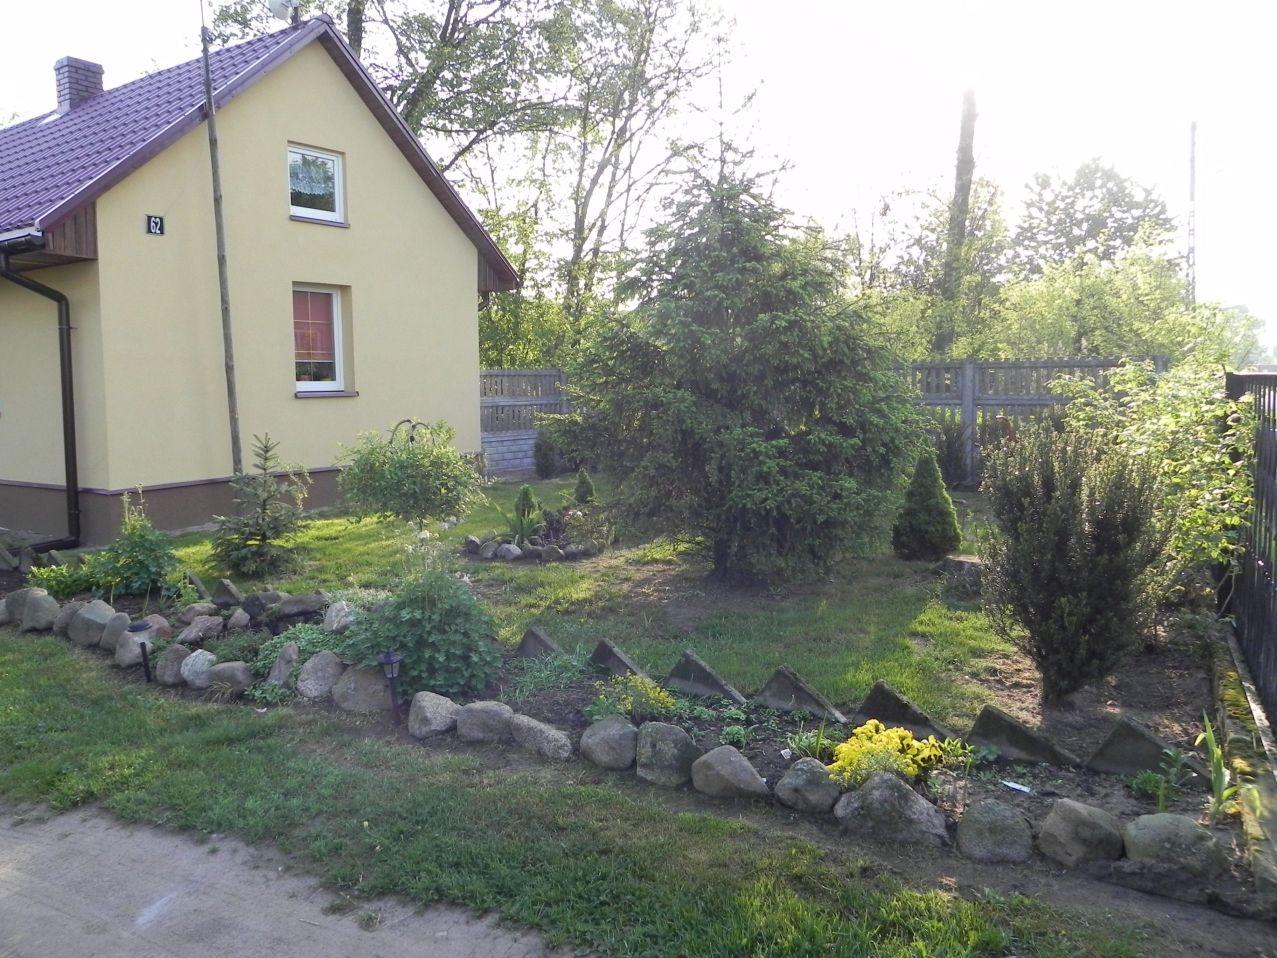 Galeria zdjęć Sochowej Zagrody - podwórko i przyroda (34)